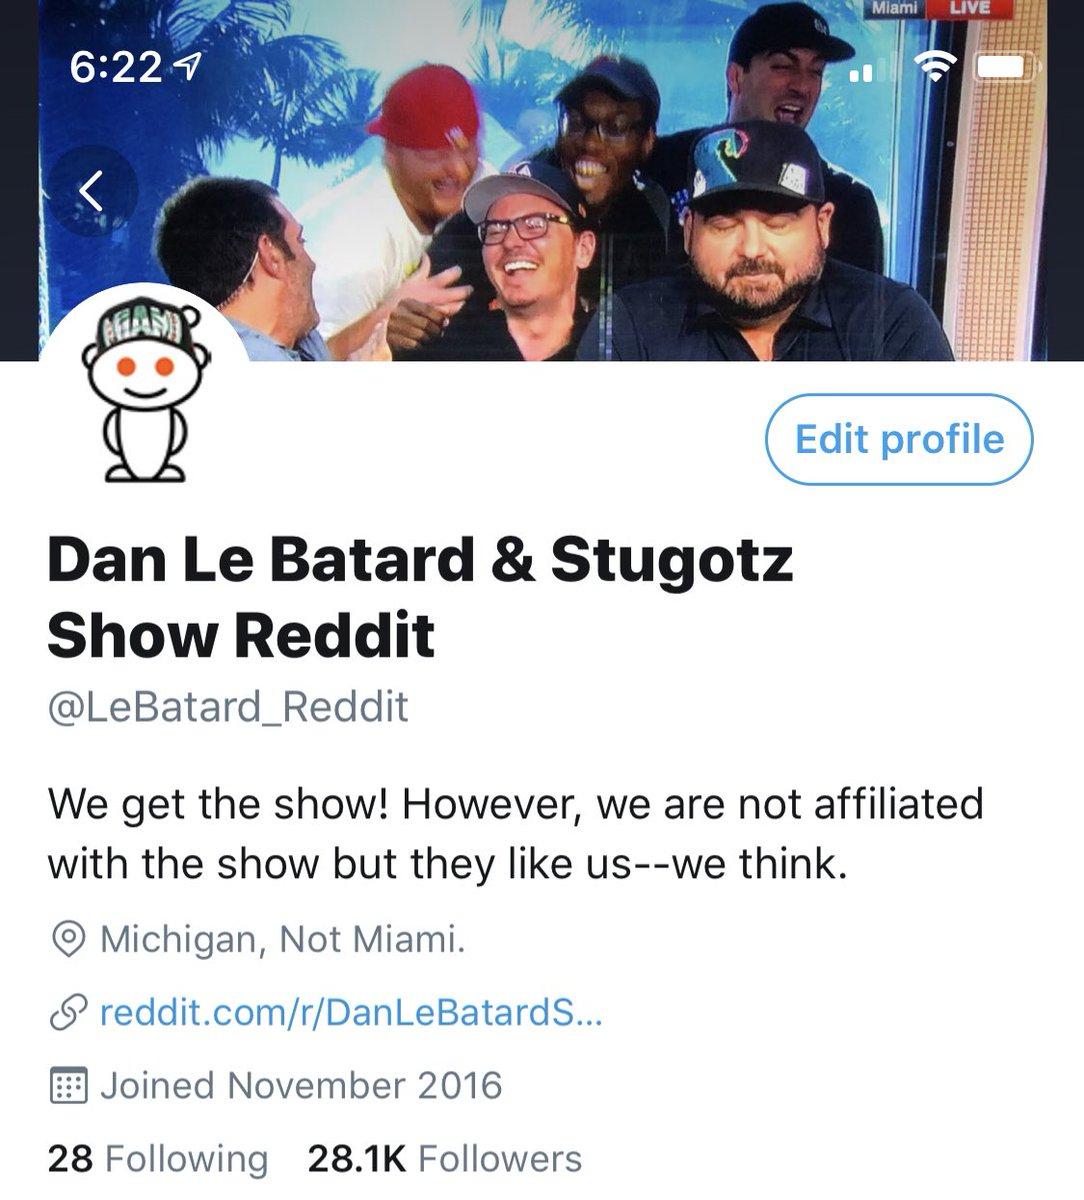 Dan Le Batard & Stugotz Show Reddit on Twitter: